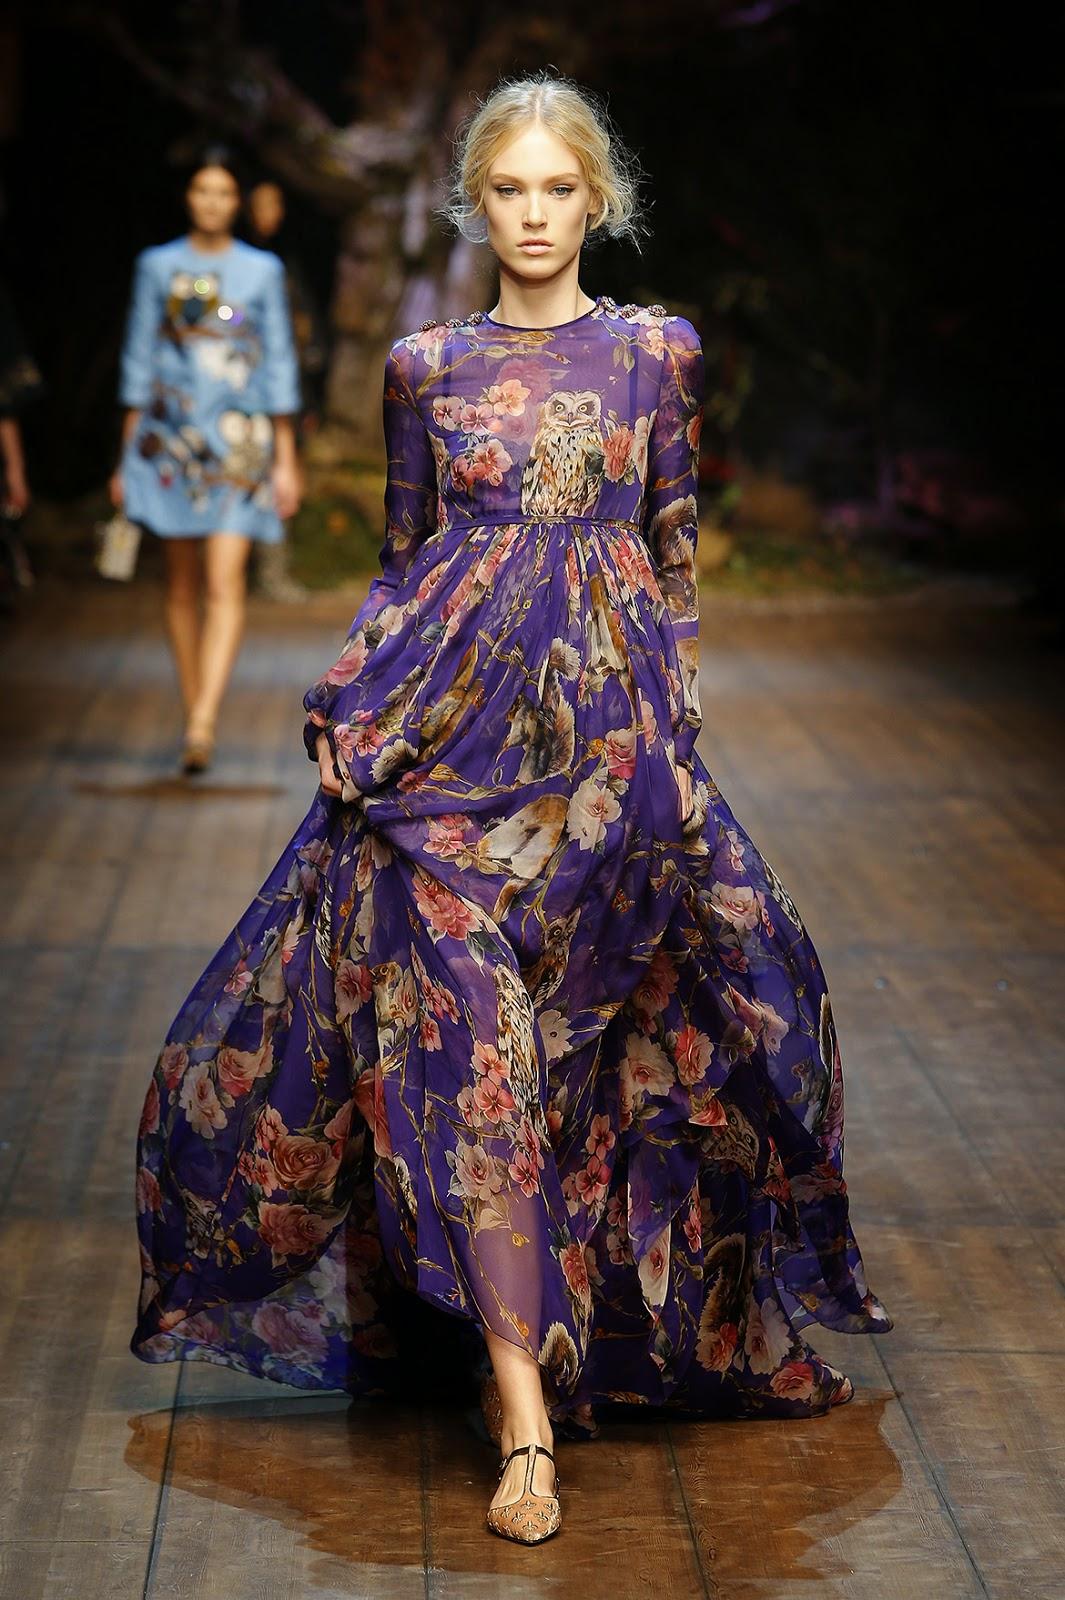 http://www.dolcegabbana.com/woman/Dolce&Gabbana colecção outono inverno 2014-2015 animais e flores